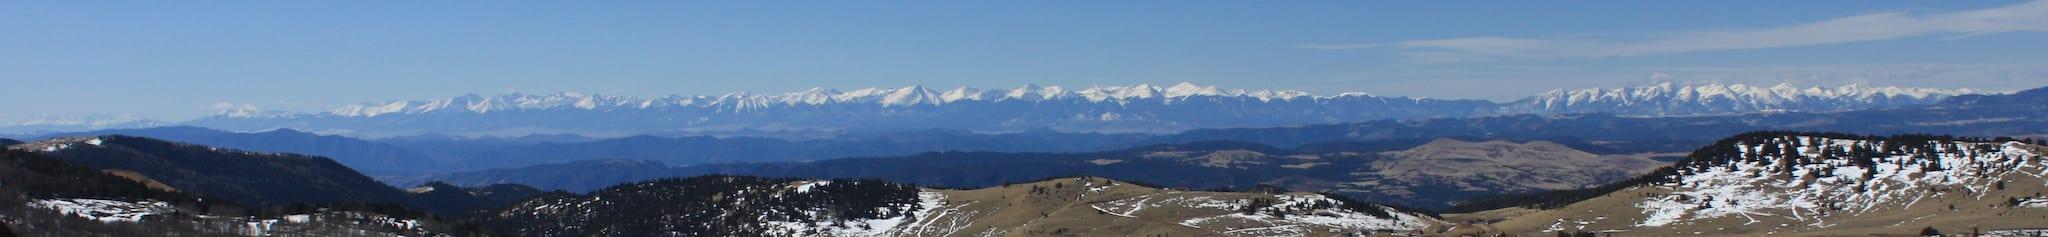 Colorado Sangre De Cristo Mountains Panorama